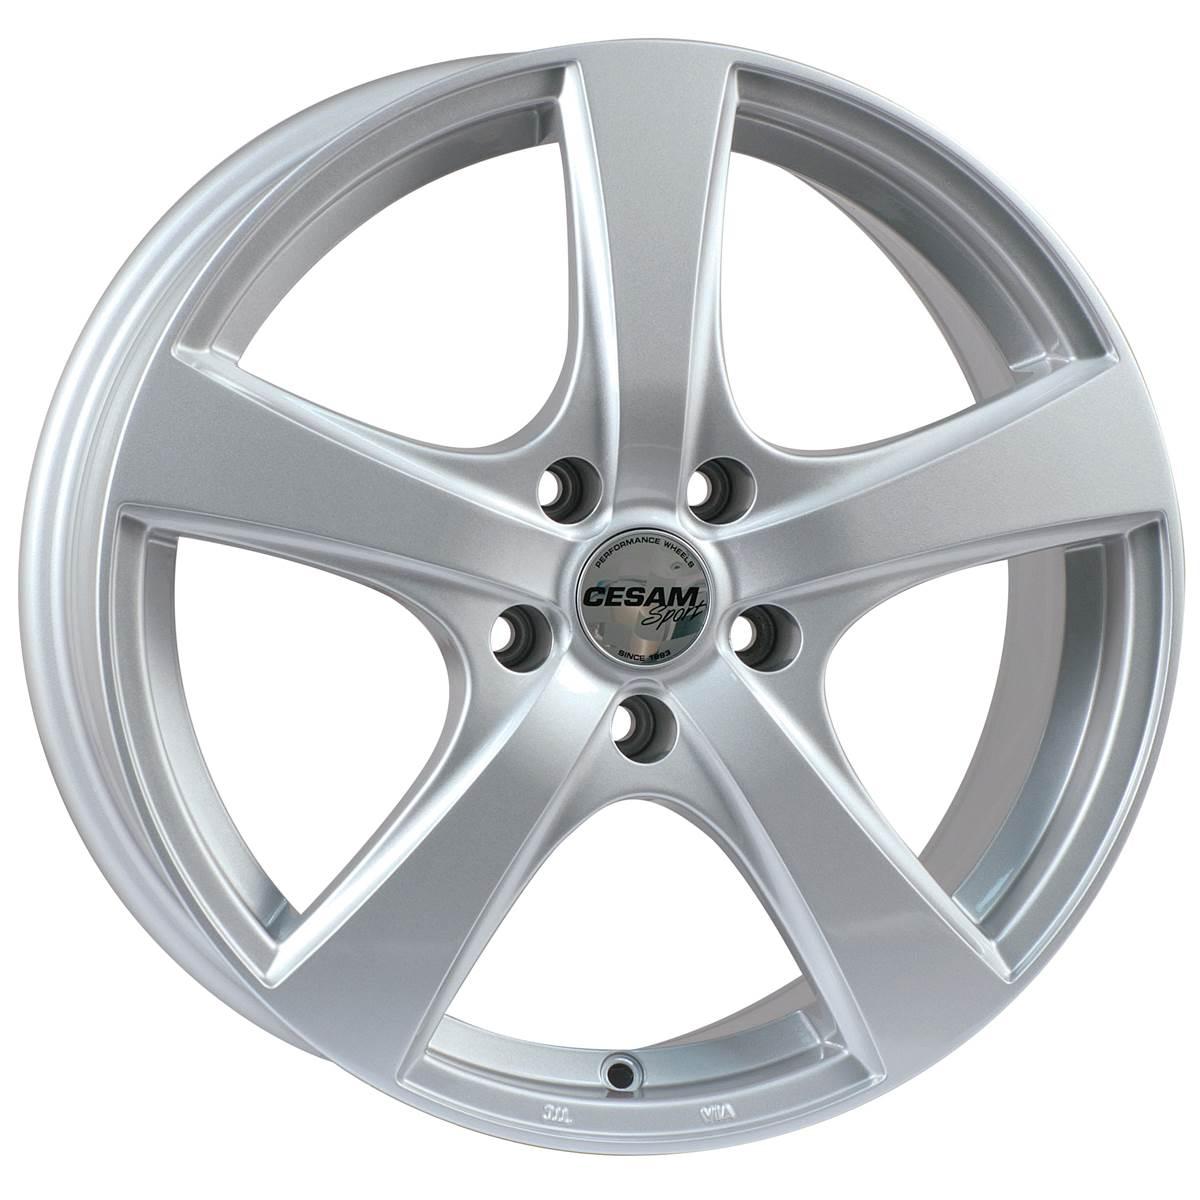 Jante CESAM Artik Silver 7,5x17 5x120ET35